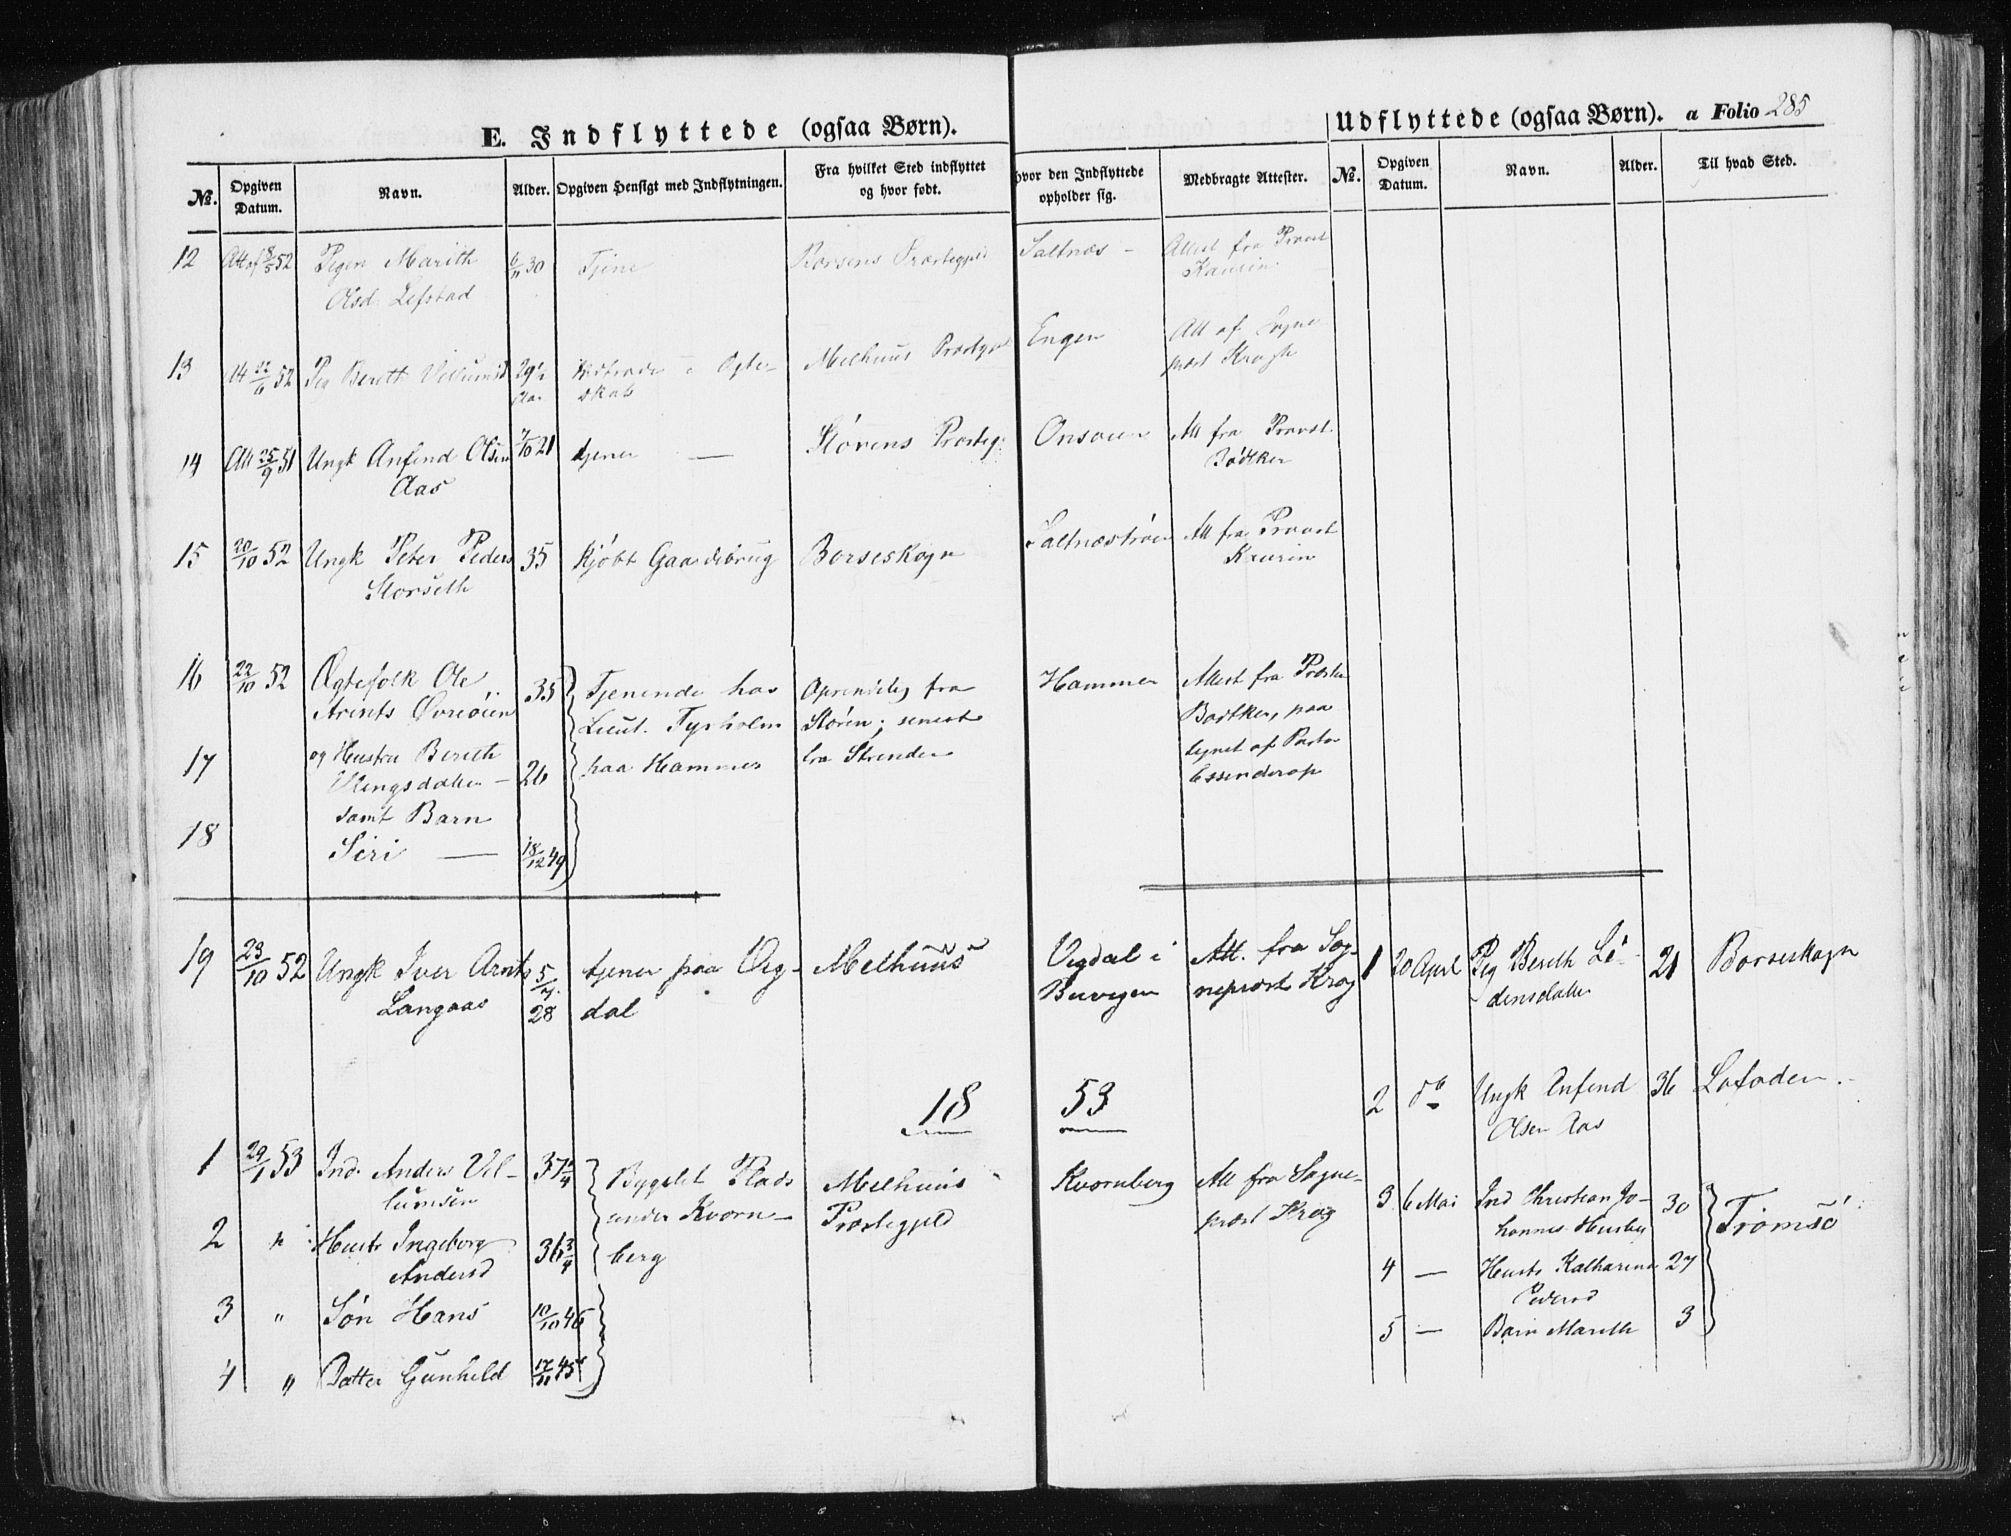 SAT, Ministerialprotokoller, klokkerbøker og fødselsregistre - Sør-Trøndelag, 612/L0376: Ministerialbok nr. 612A08, 1846-1859, s. 285